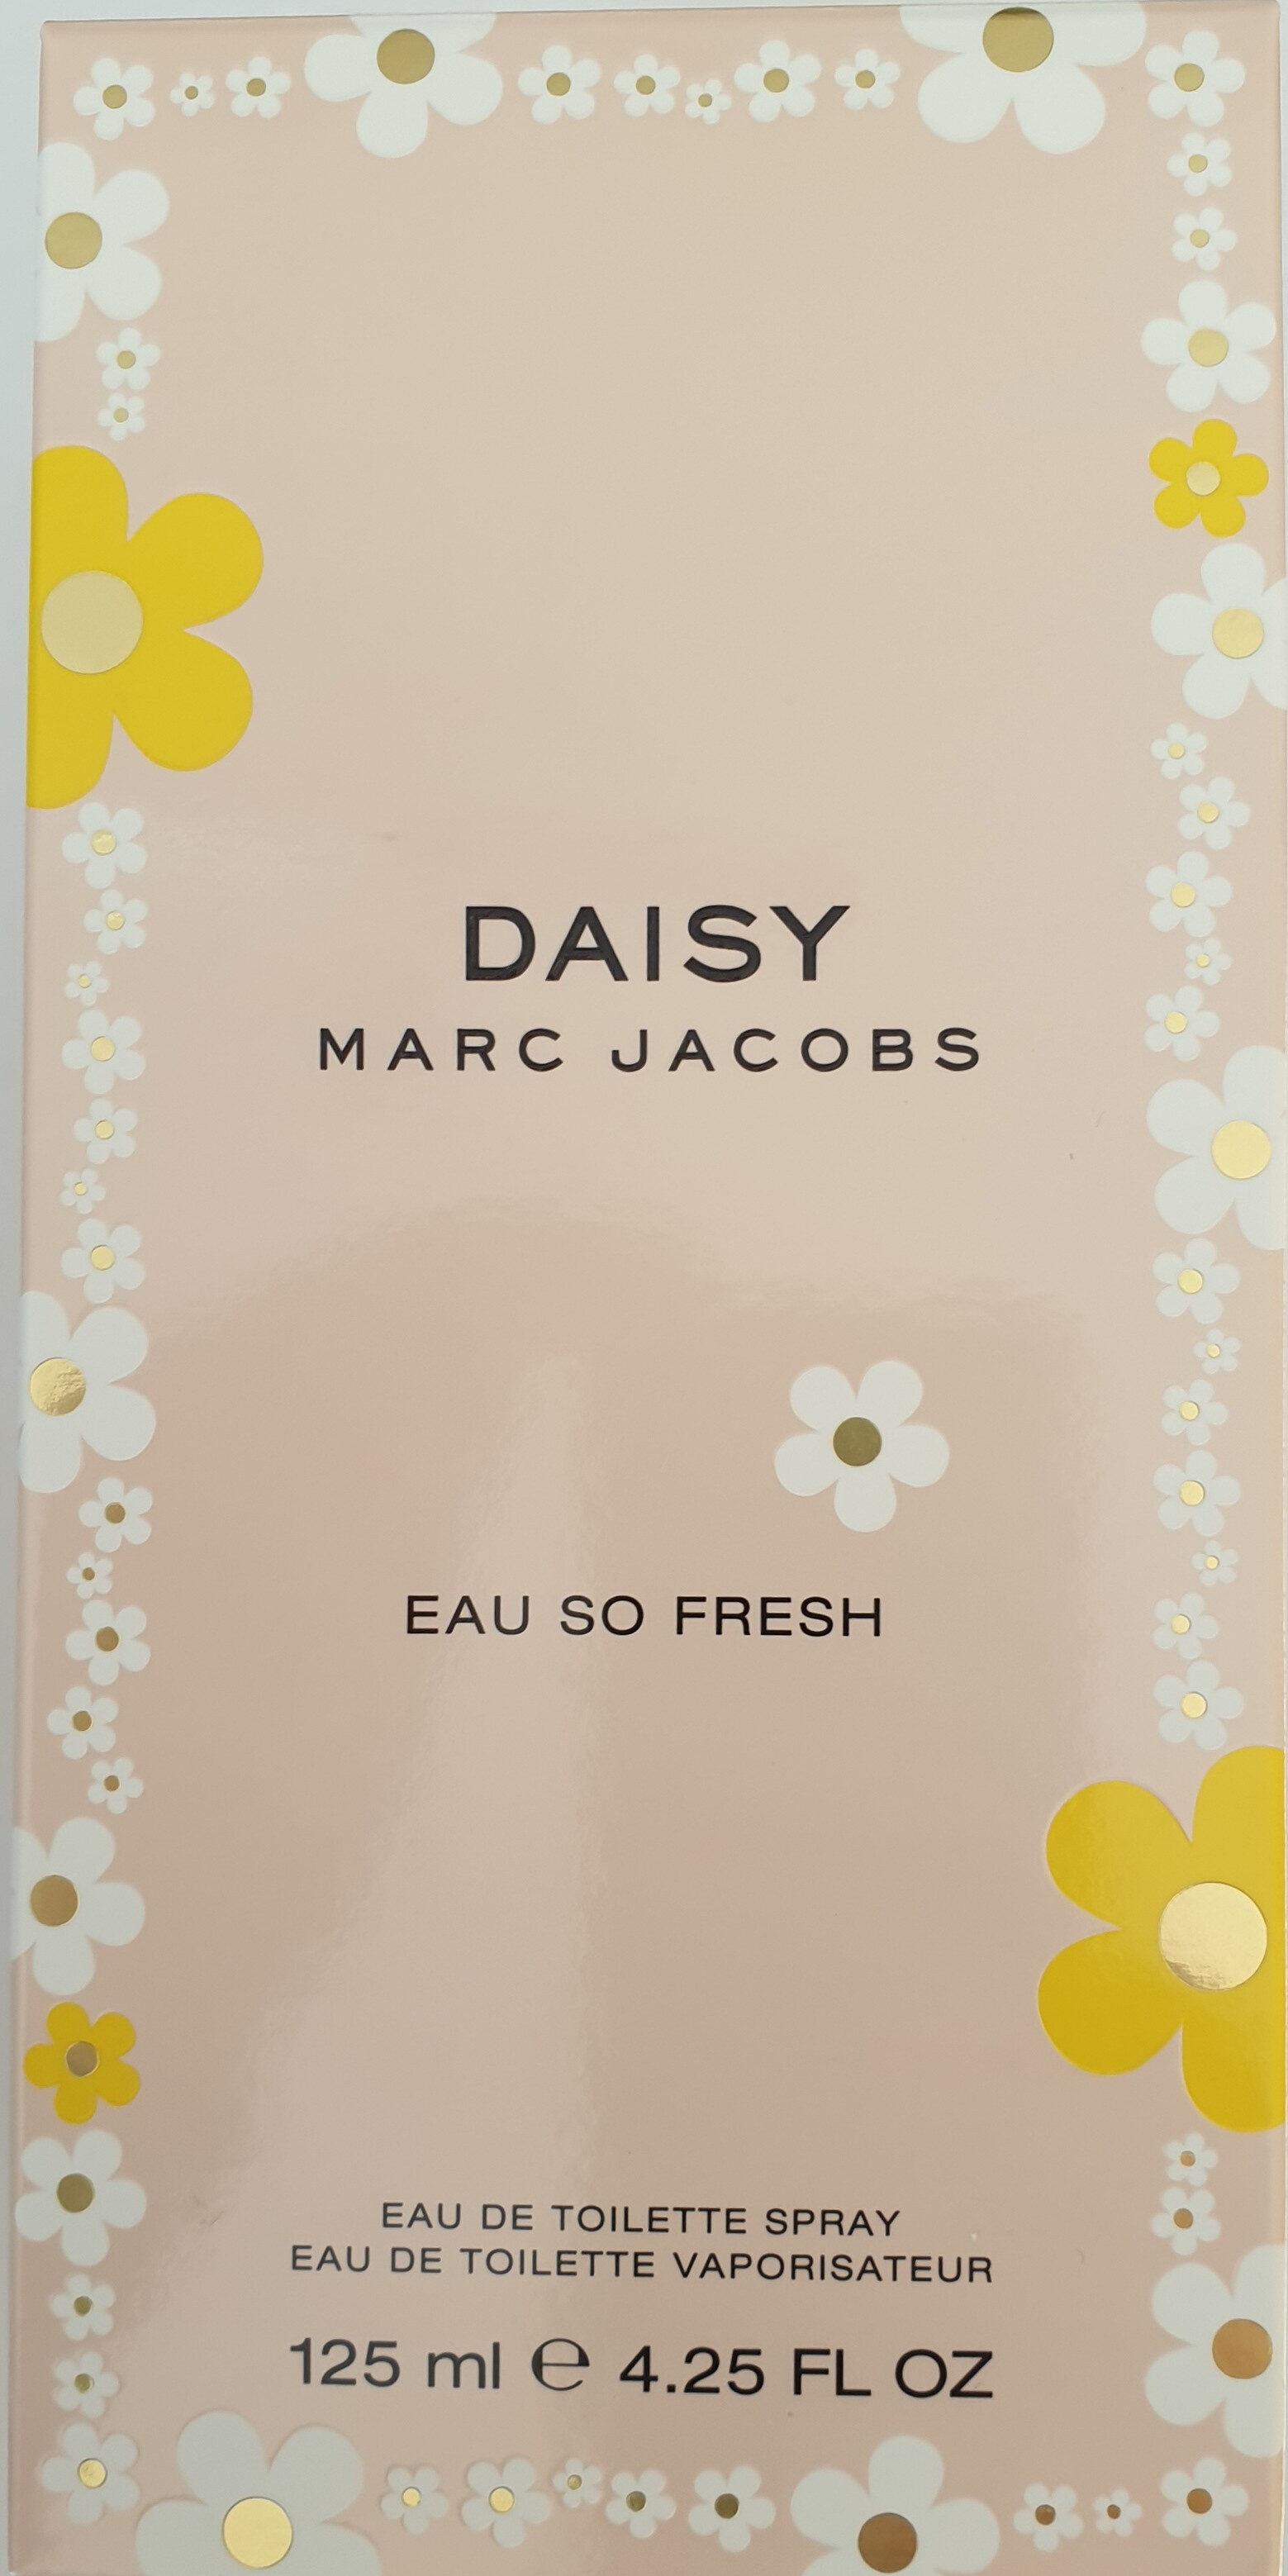 Daisy Eau detoilette spray - Product - de